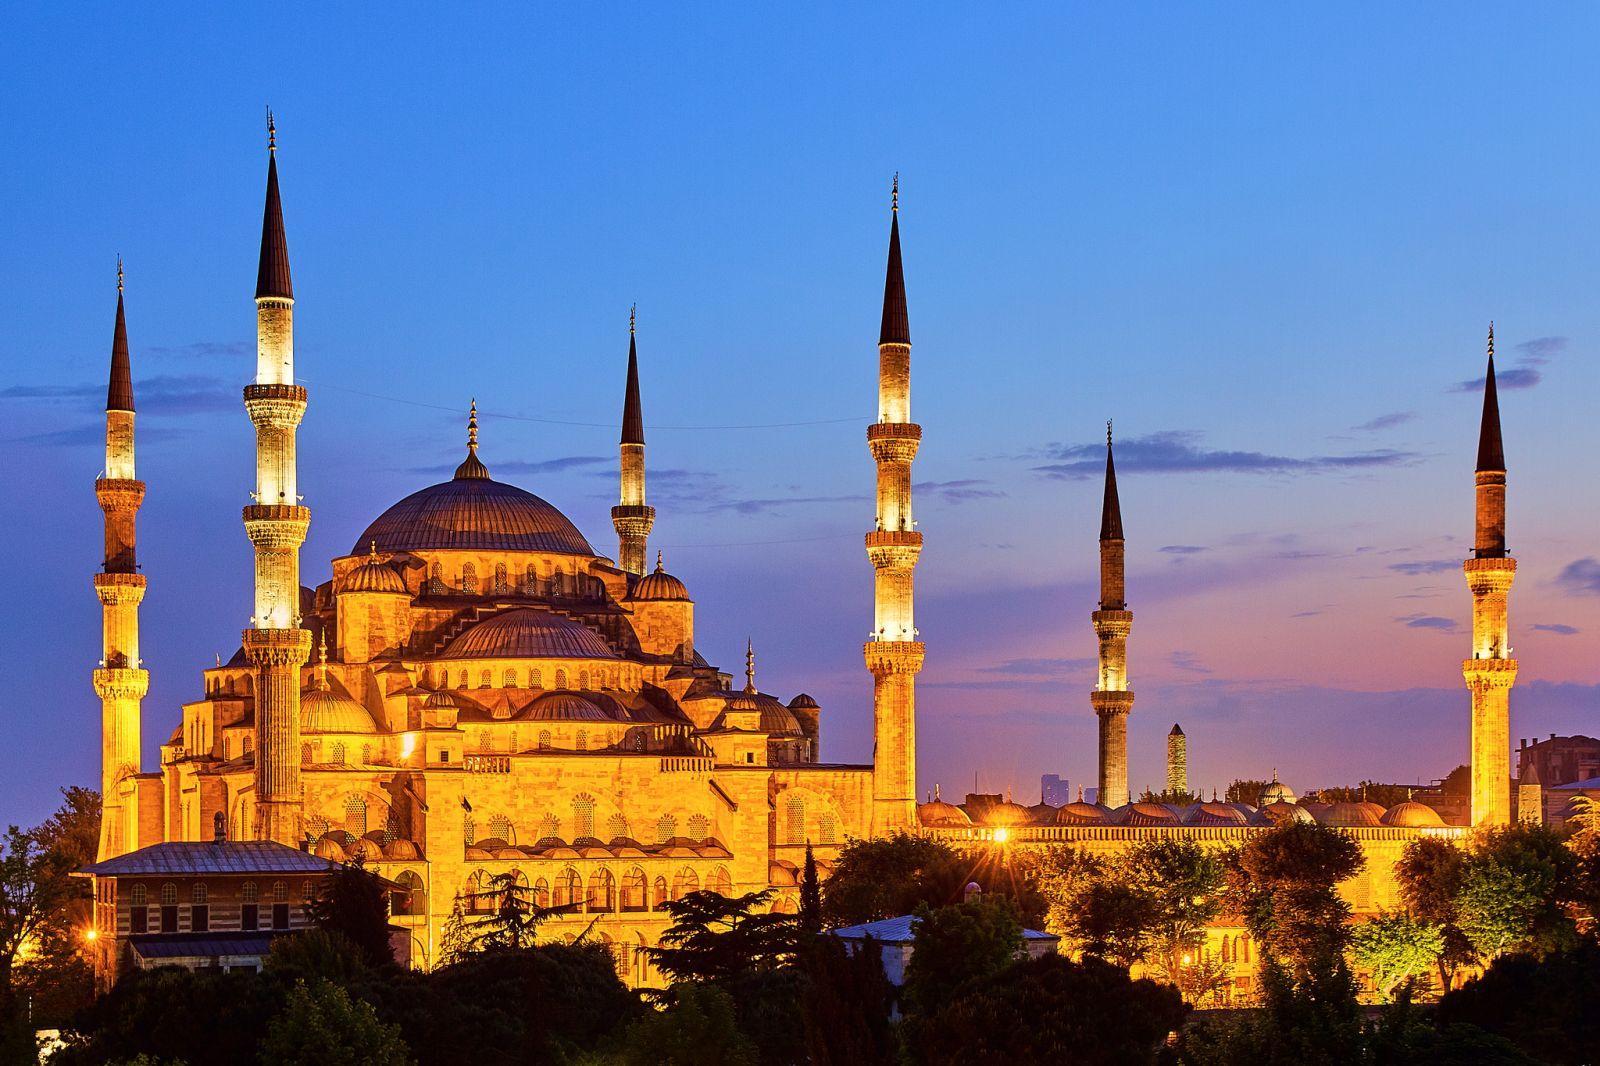 ผลการค้นหารูปภาพสำหรับ จัตุรัสสุลต่านอาห์เหม็ด (Sultan Ahmed Complex)